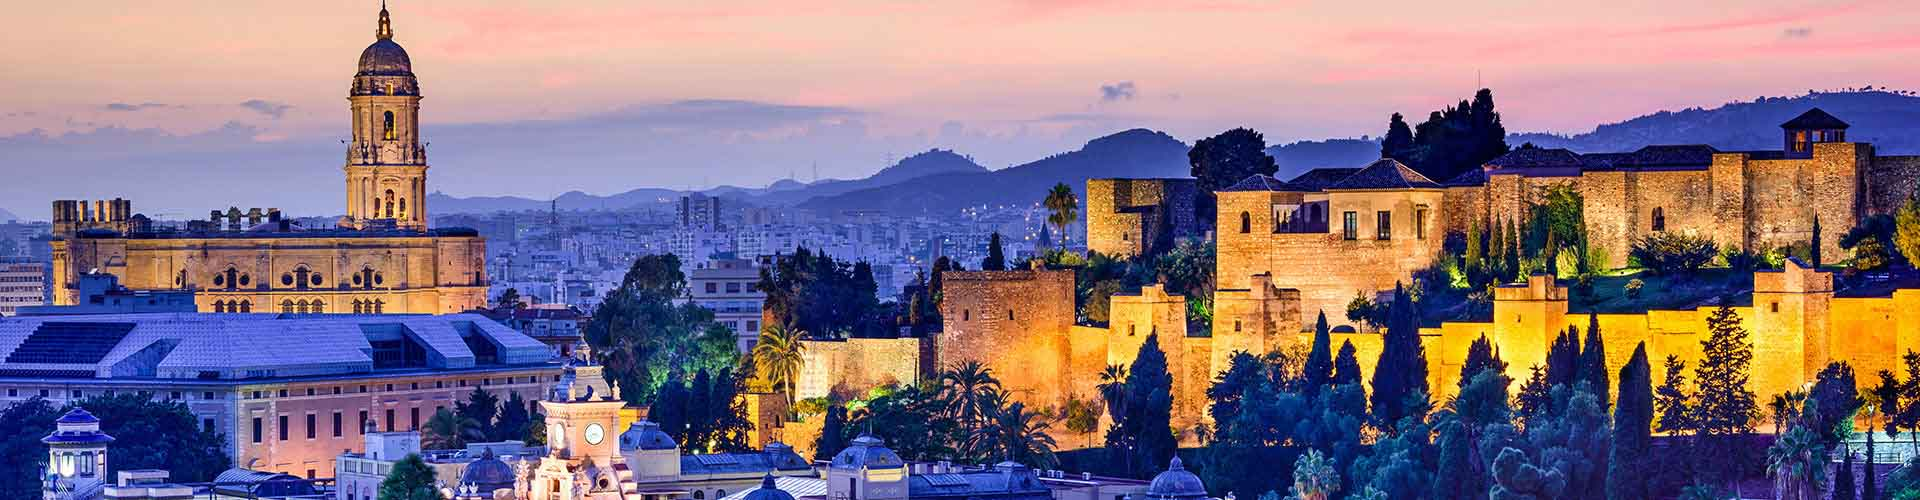 Malaga - Chambres pas chères dans le quartier de Centre Historique. Cartes pour Malaga, photos et commentaires pour chaque chambre à Malaga.